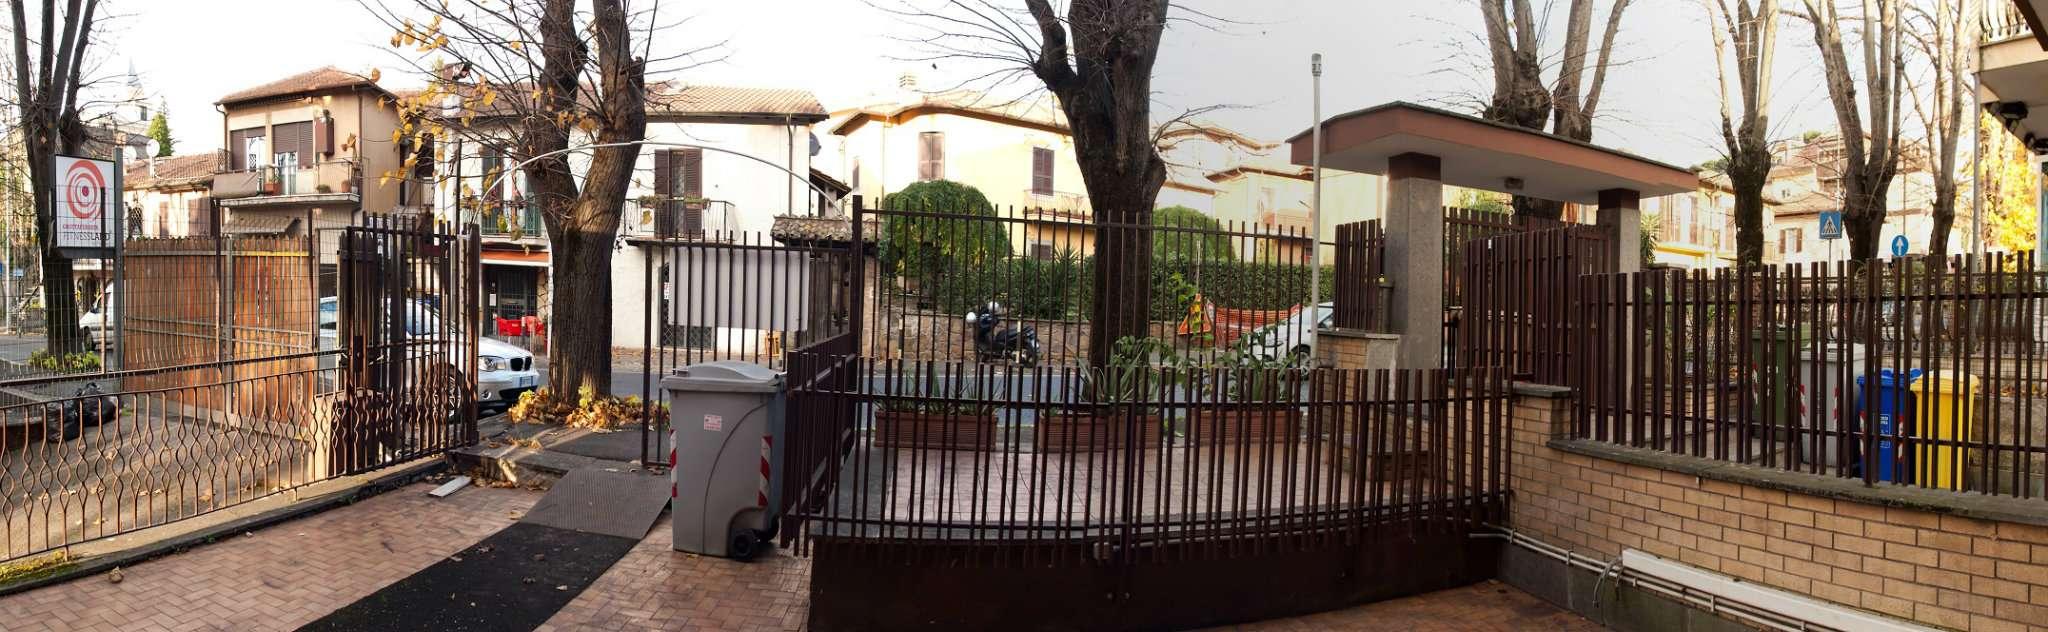 Negozio / Locale in vendita a Grottaferrata, 1 locali, prezzo € 179.000 | Cambio Casa.it